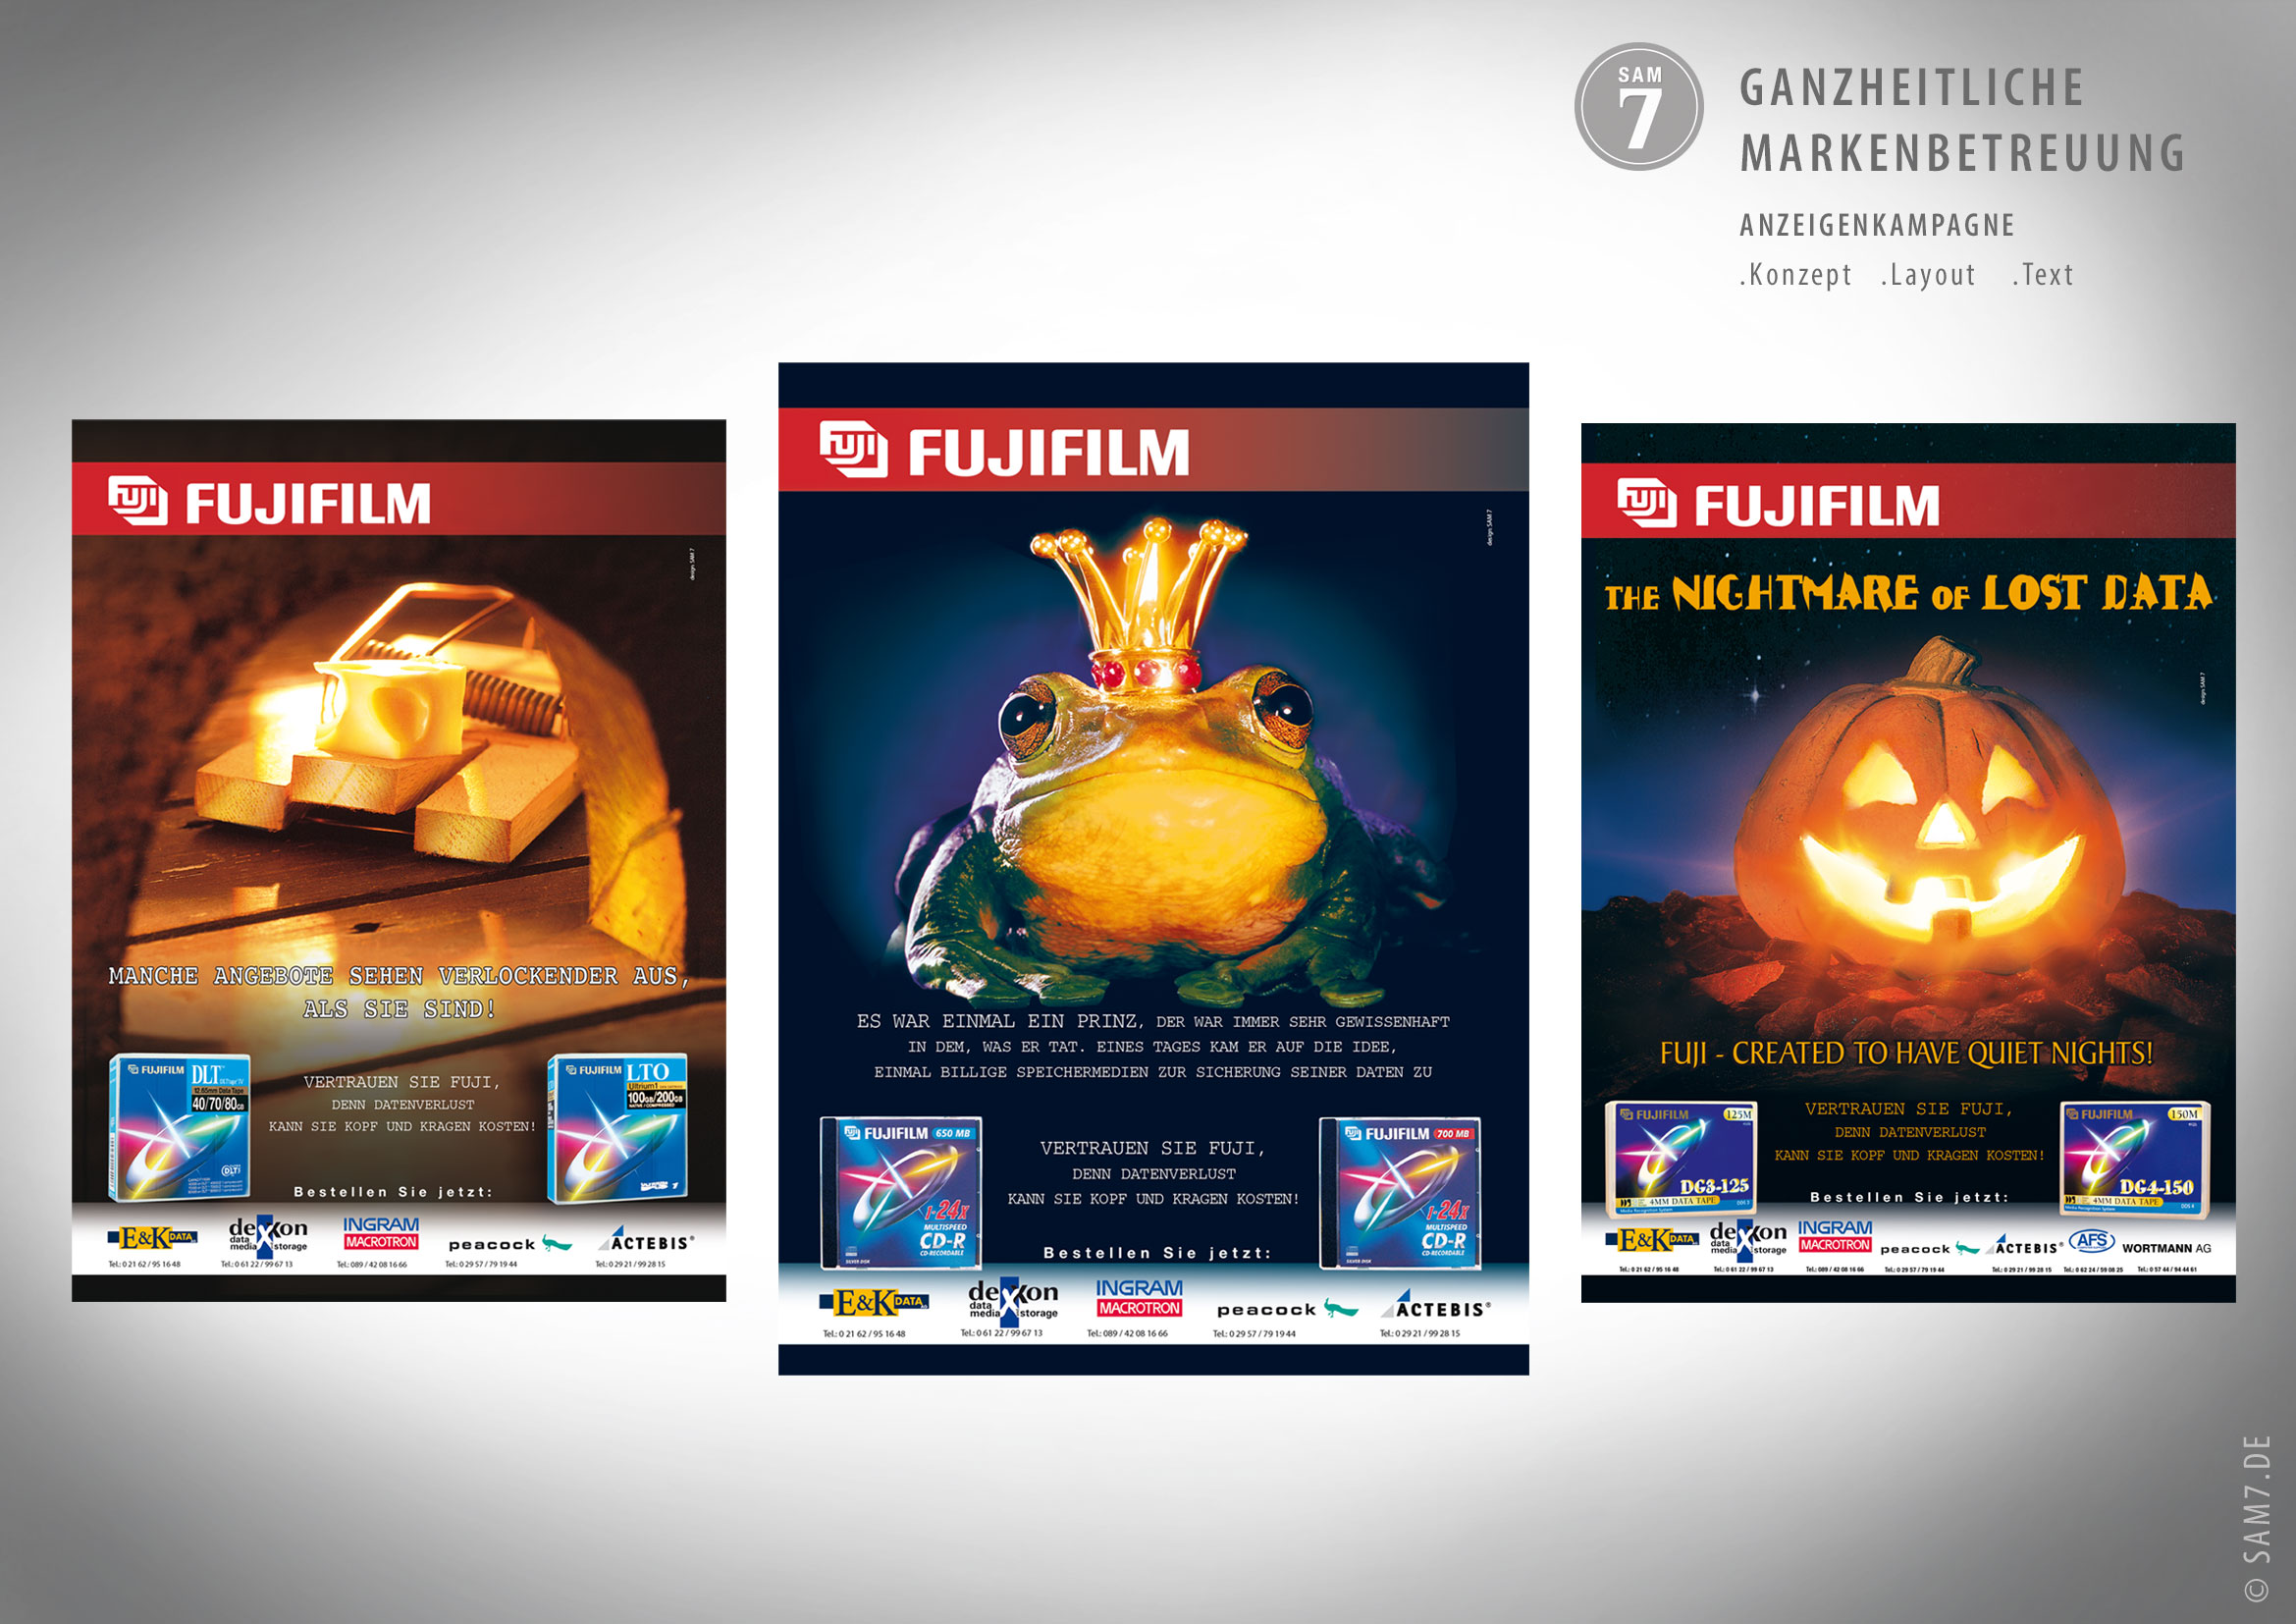 Anzeigenserie Fujifilm